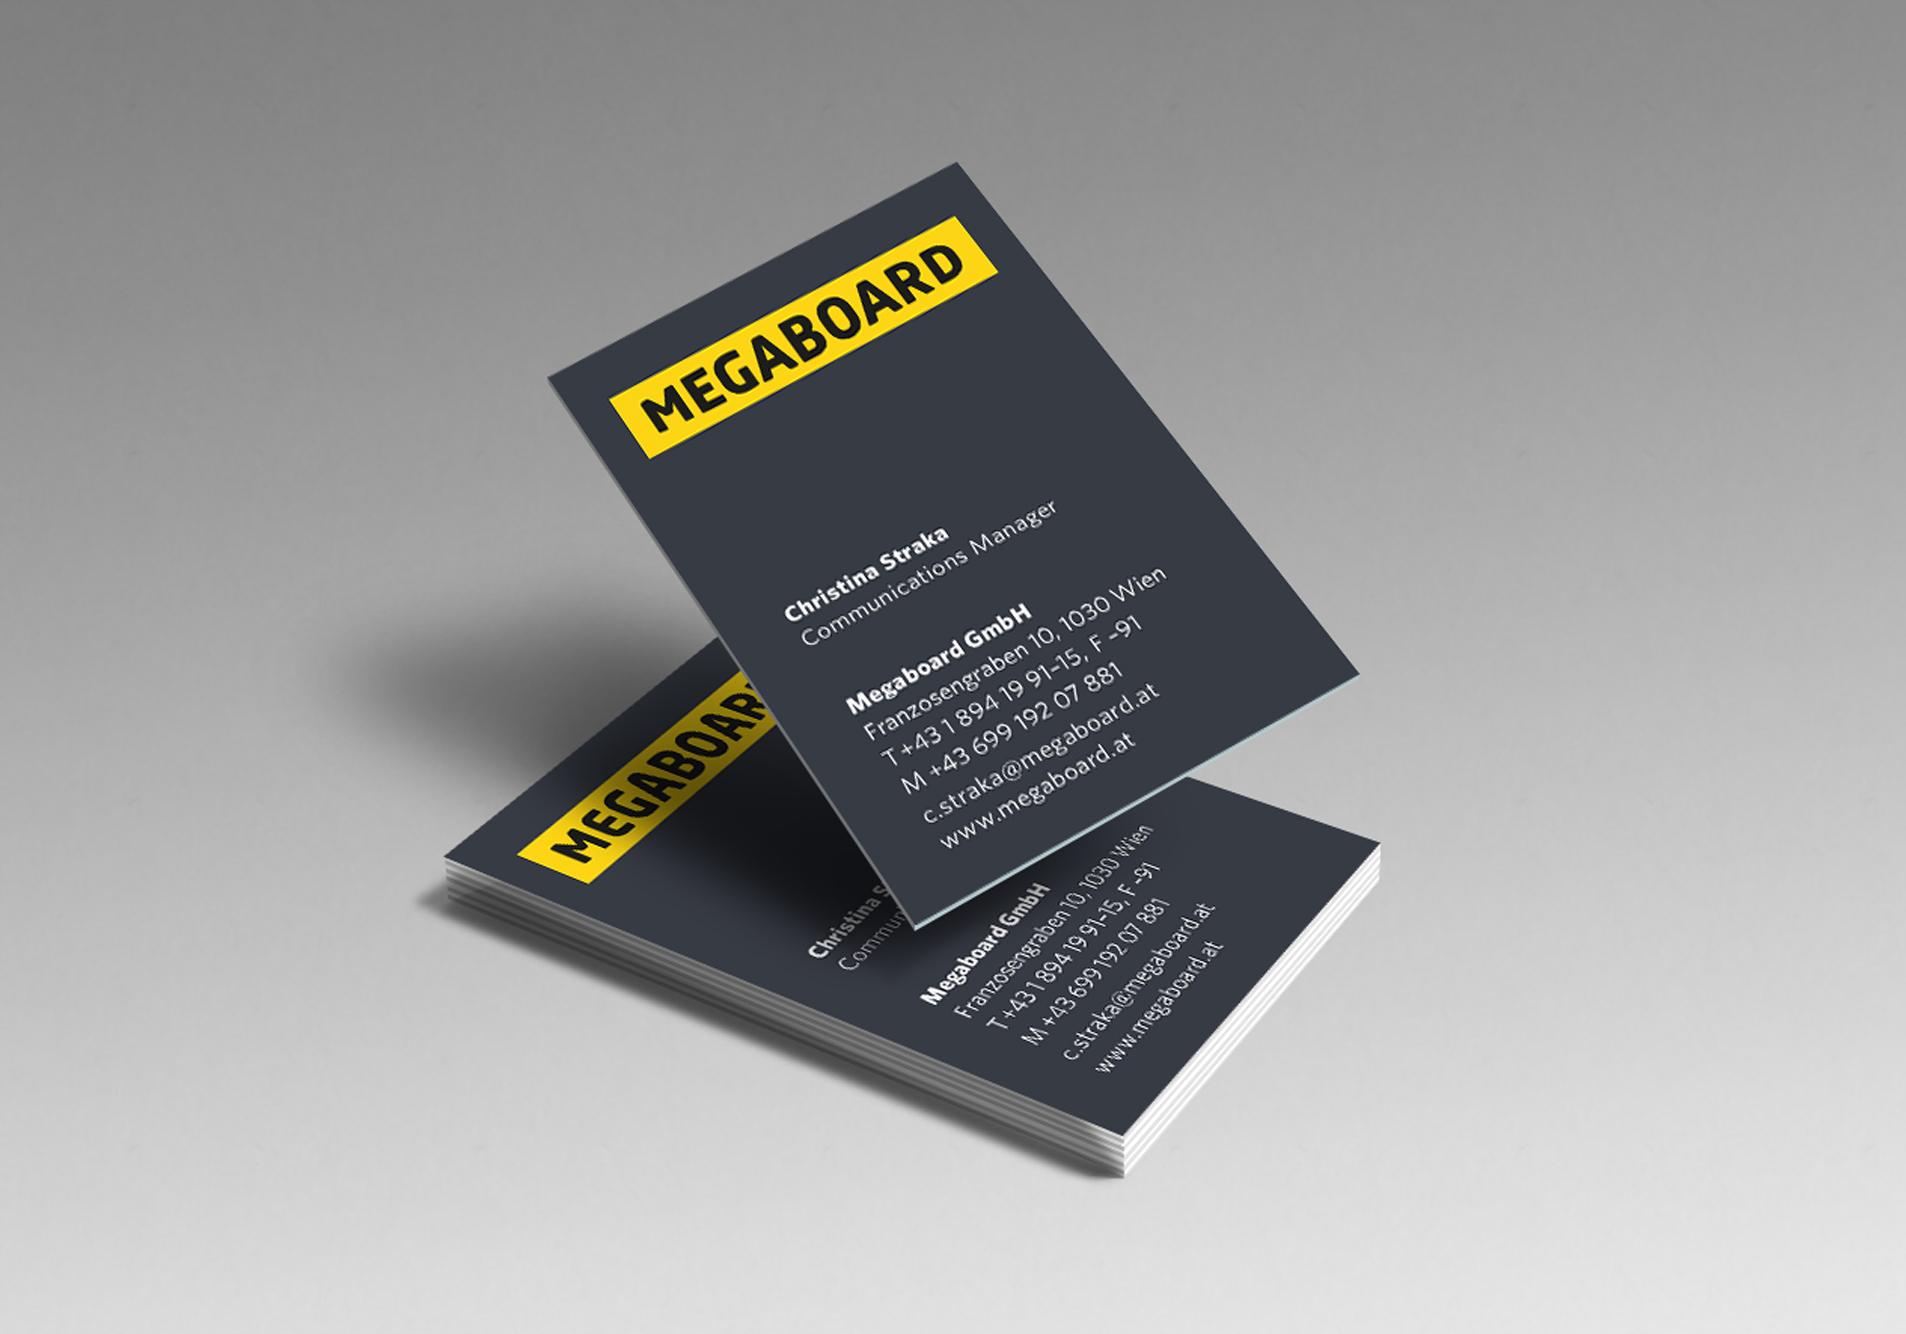 Megaboard Visitenkarten